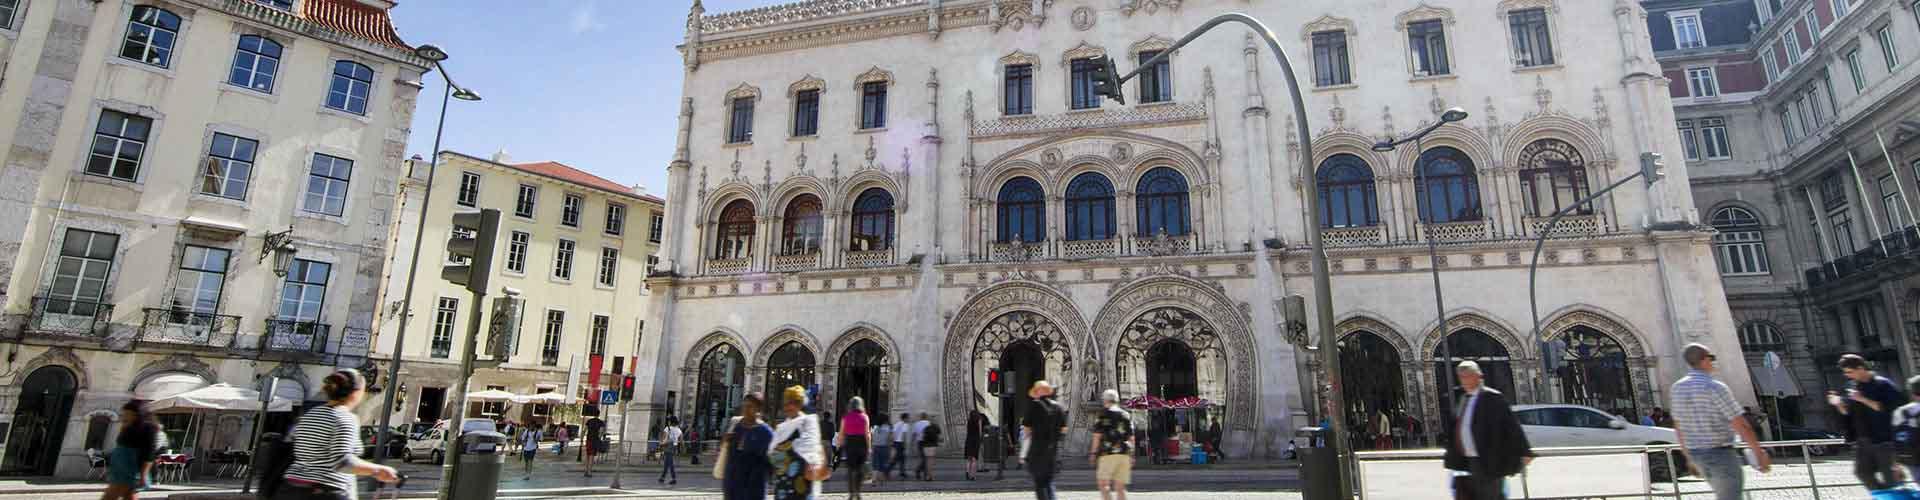 Lissabon – Hostellit lähellä Rossio rautatieasema. Lissabon -karttoja, valokuvia ja arvosteluja kaikista Lissabon -hostelleista.